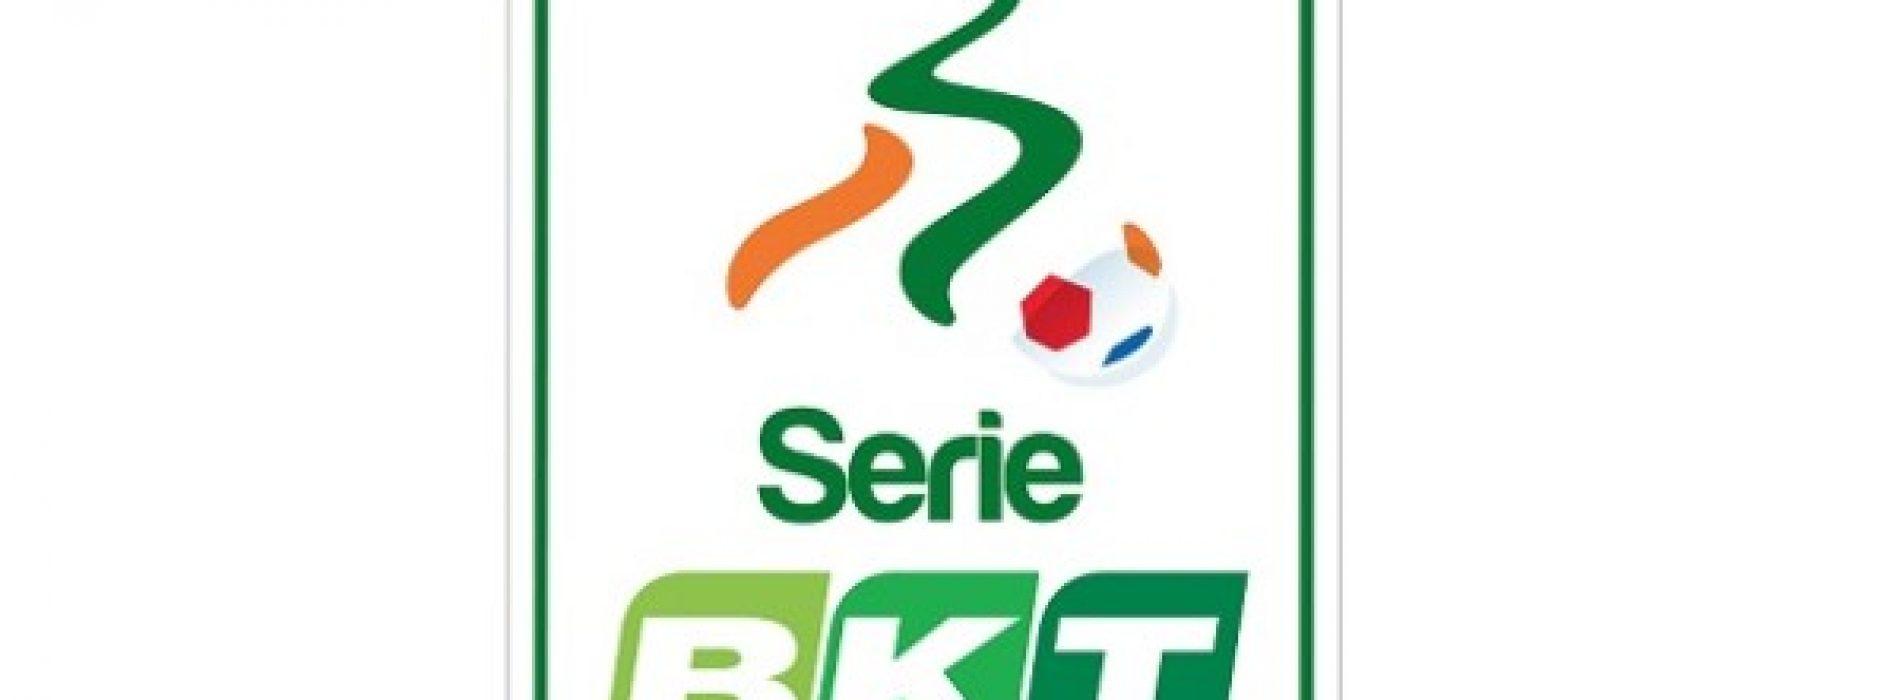 Serie B, 4a giornata, risultati, classifica e prossimo turno: Cittadella ed Empoli in testa, salgono Venezia e Chievo